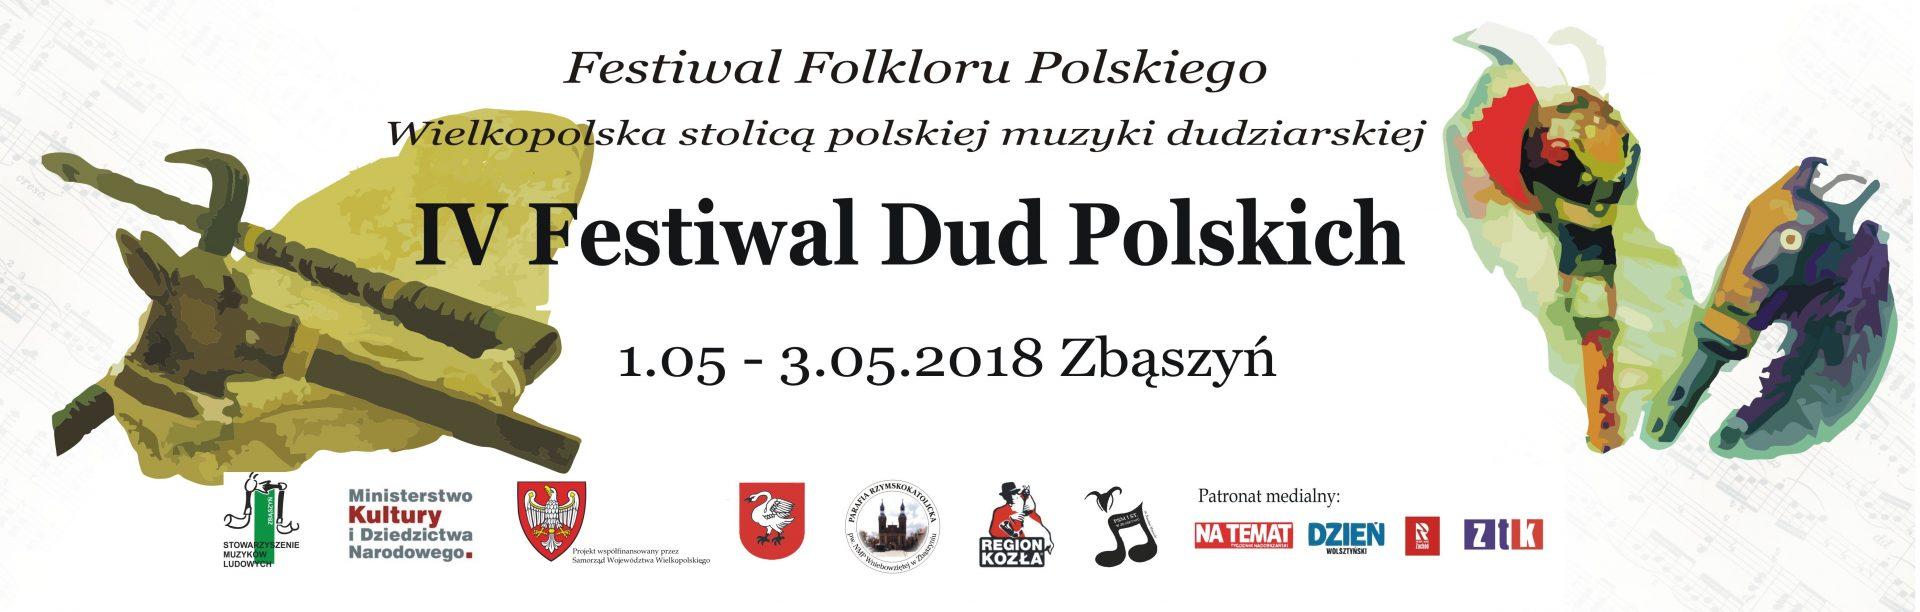 IV Festiwal Dud Polskich